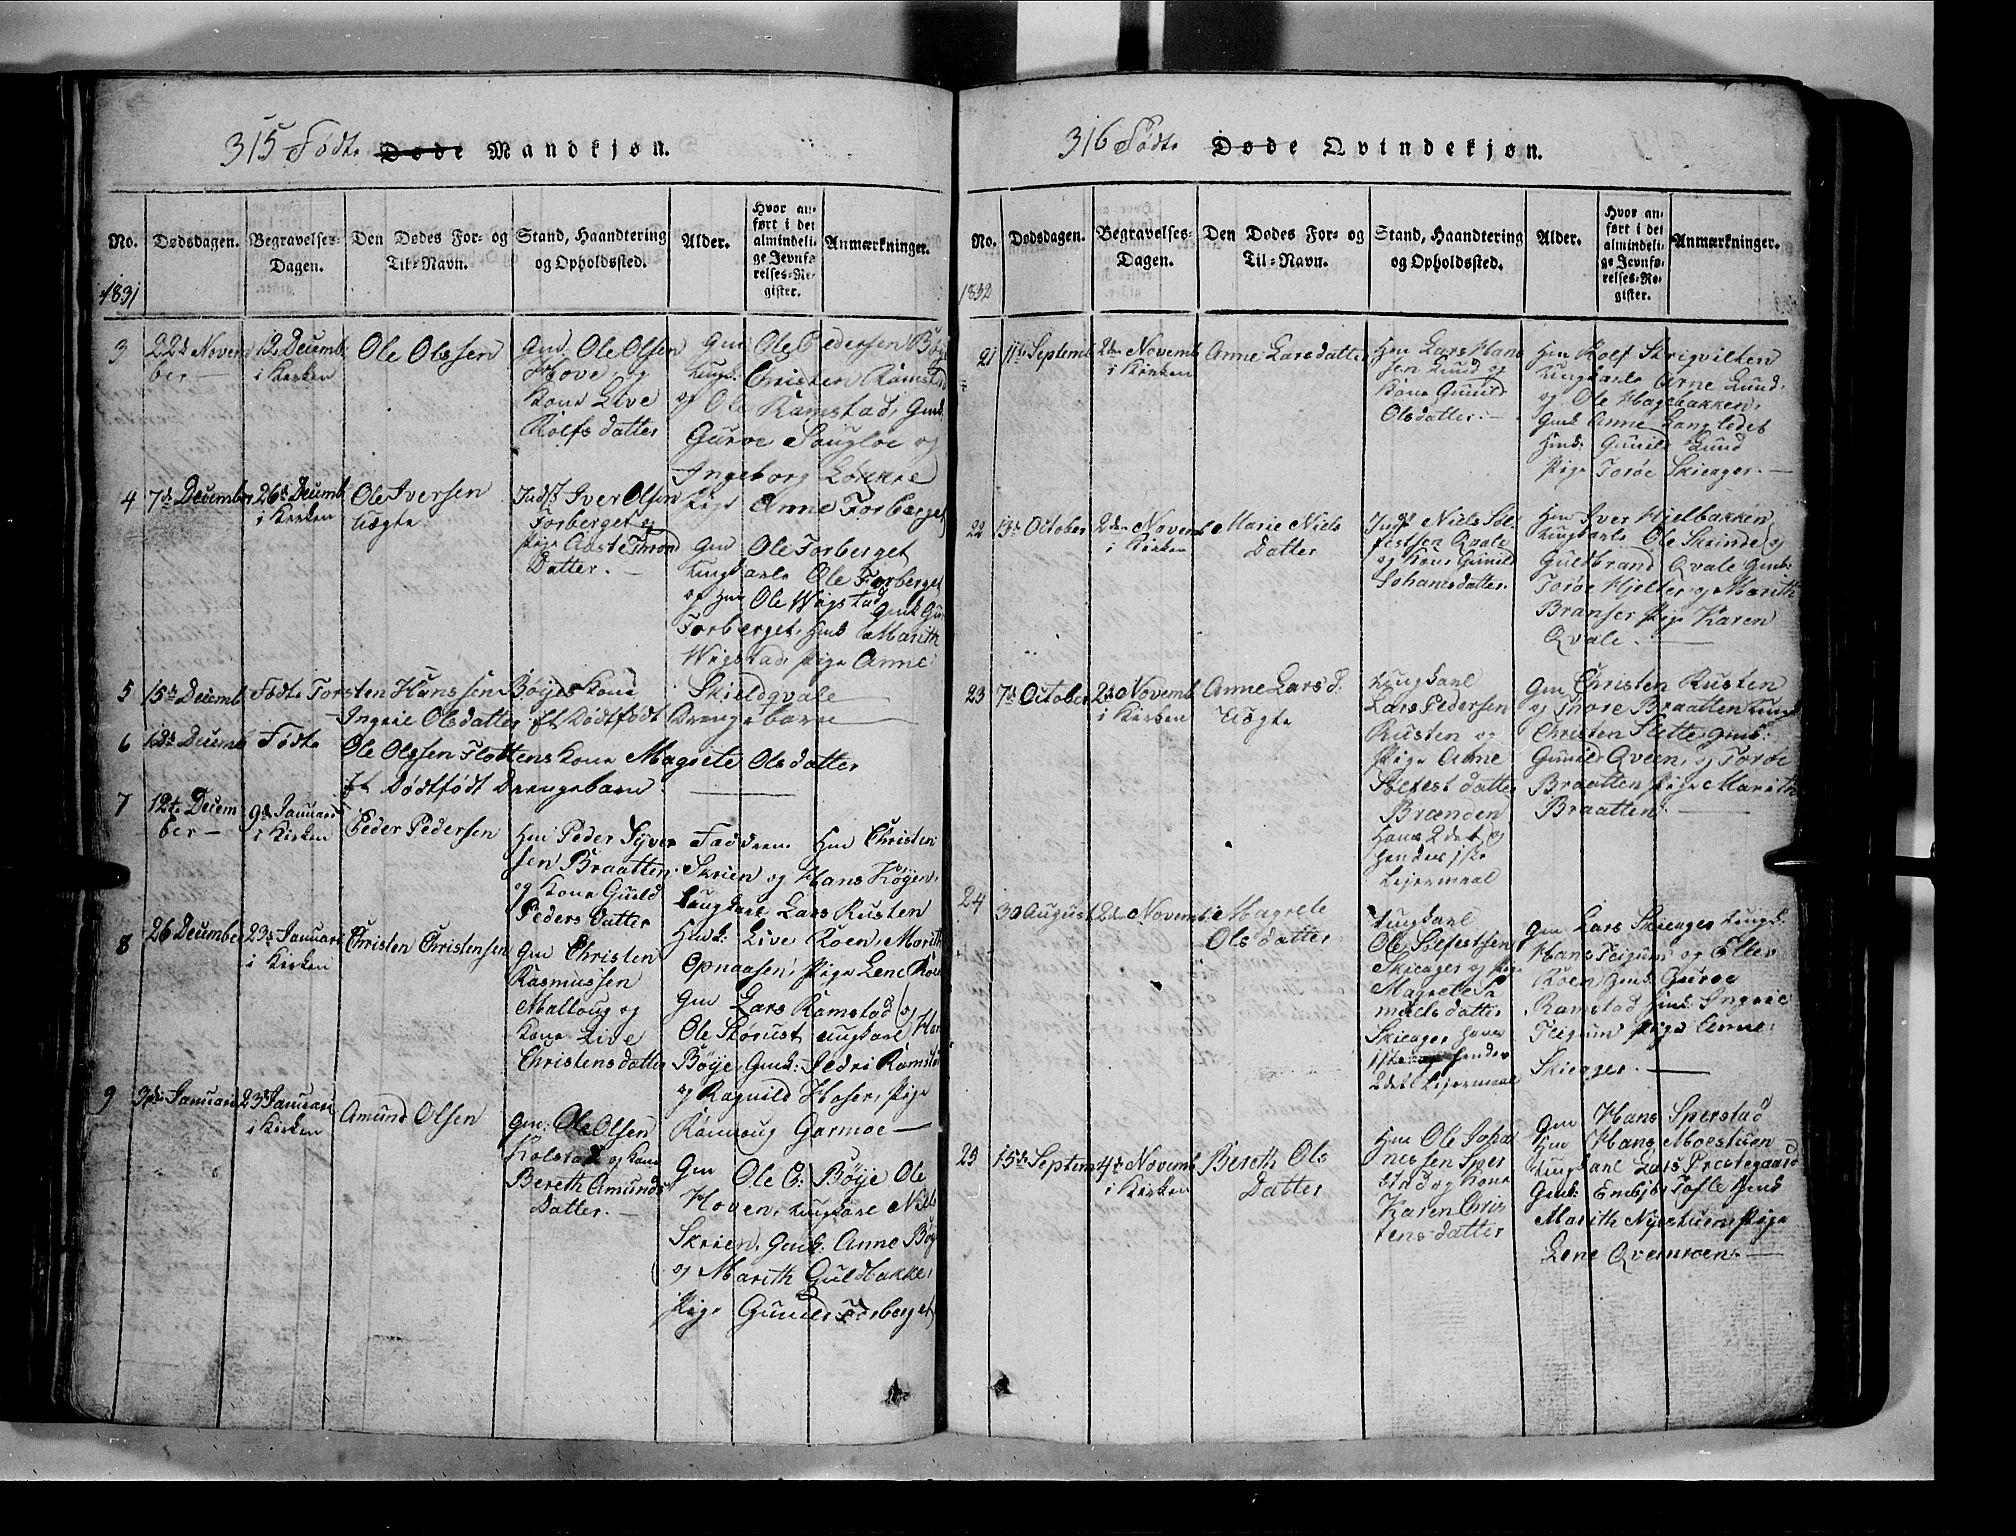 SAH, Lom prestekontor, L/L0003: Klokkerbok nr. 3, 1815-1844, s. 315-316